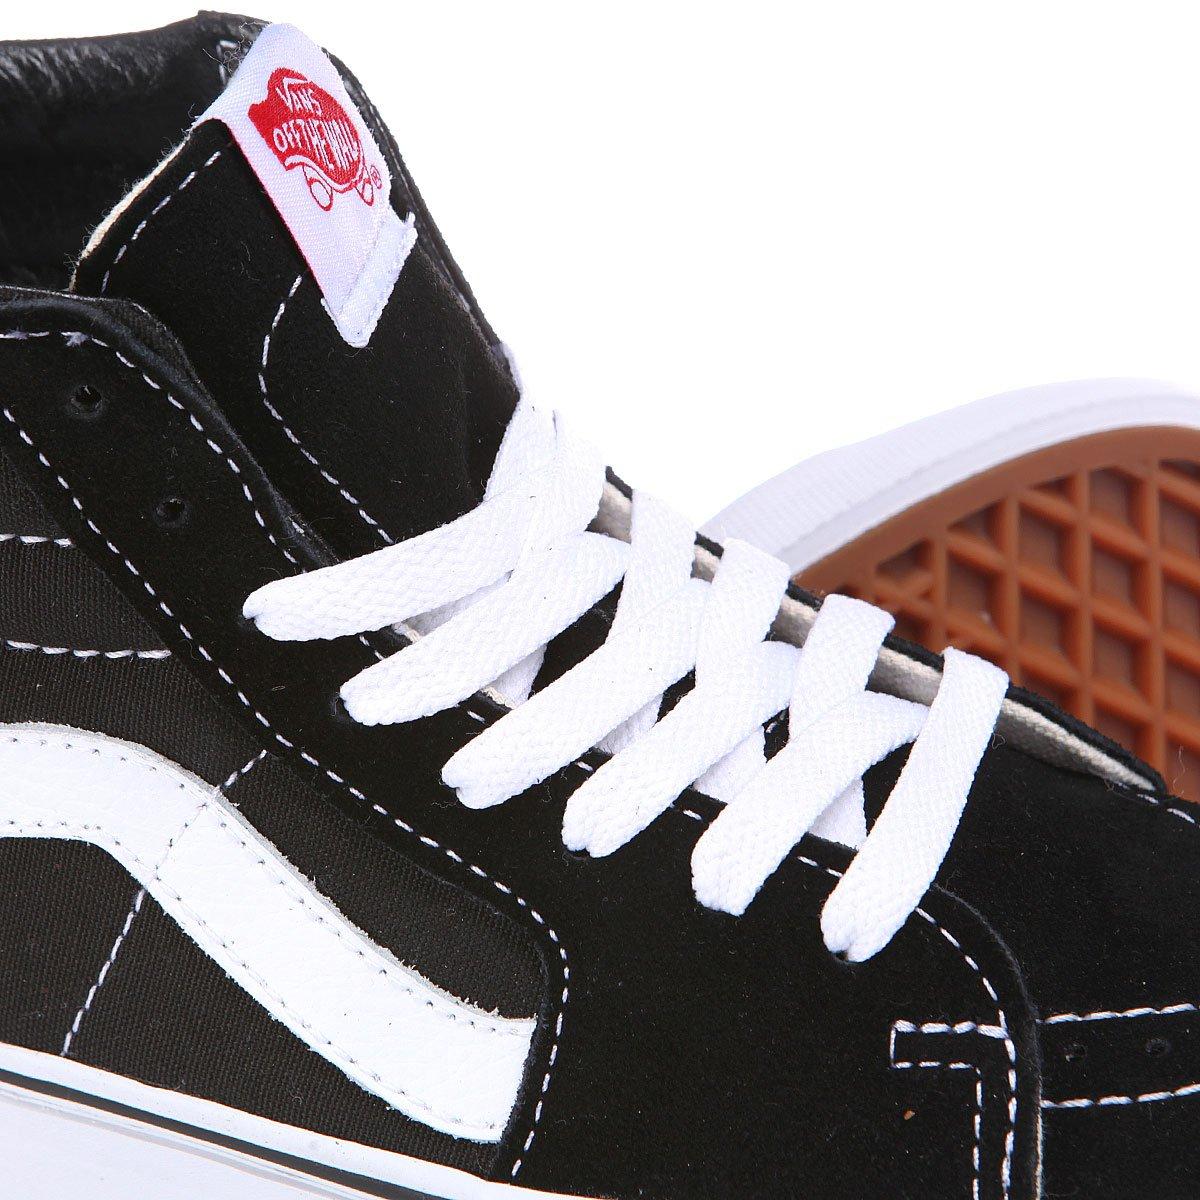 bccef30b Купить кеды высокие Vans SK8 HI Black/White в интернет-магазине ...